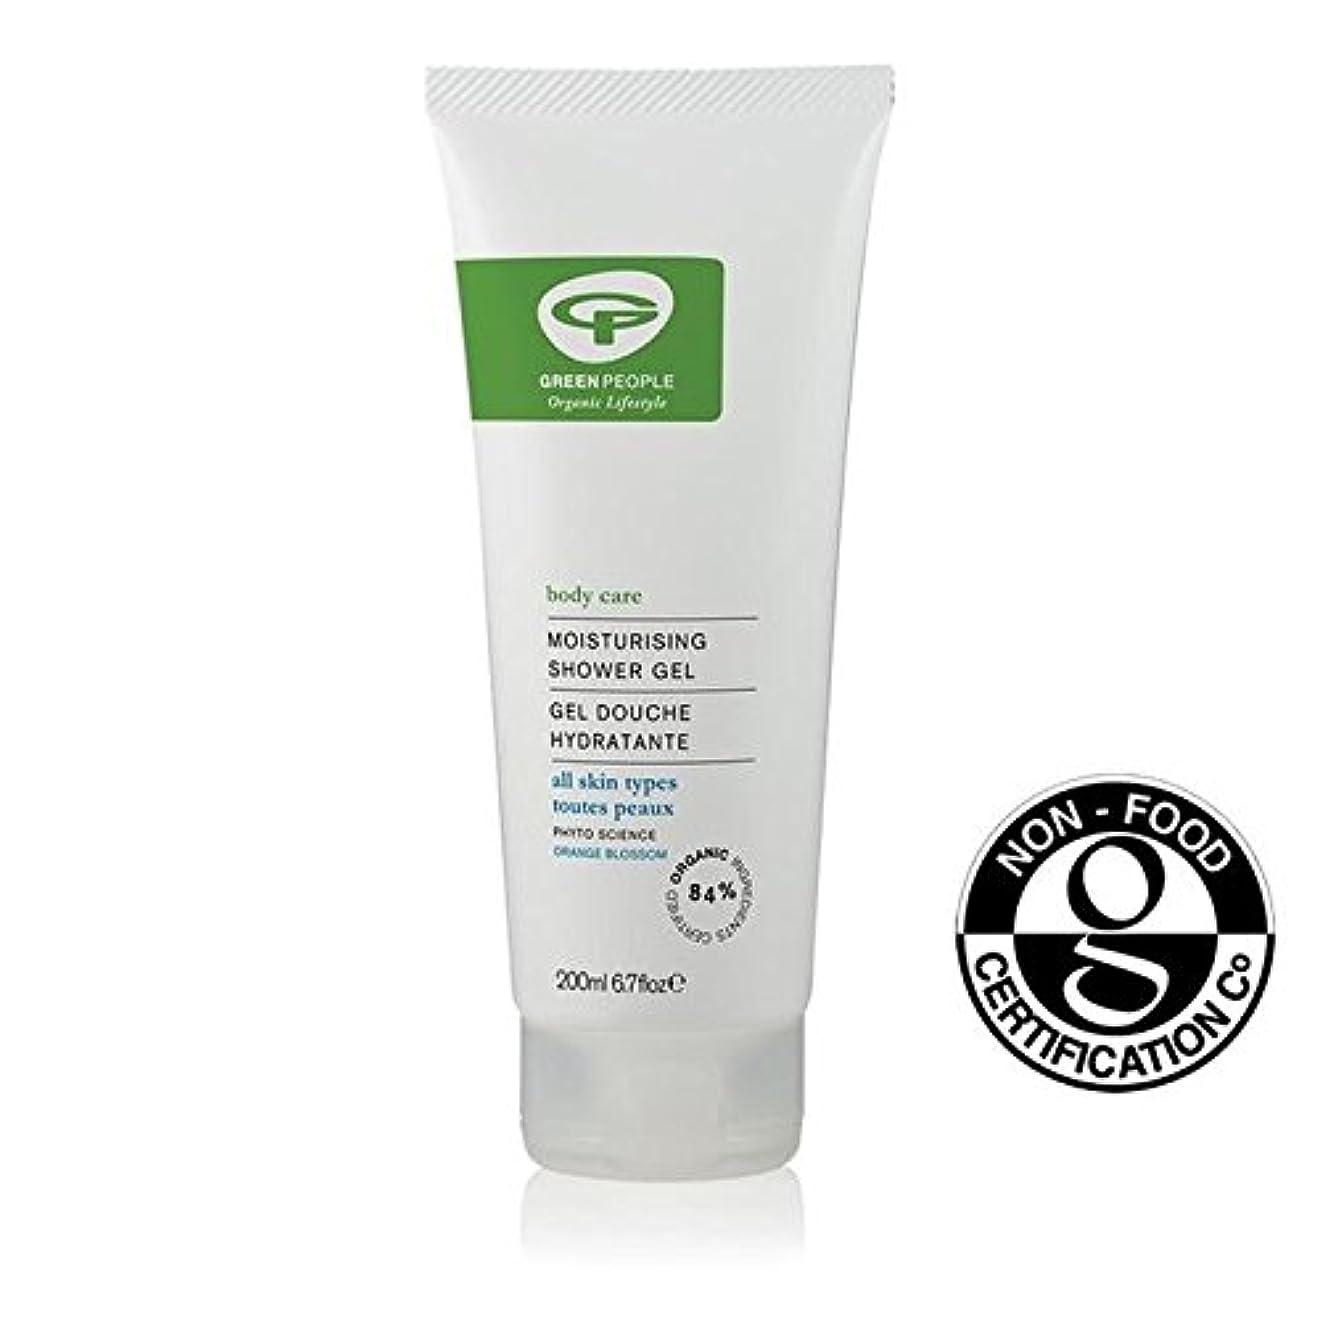 資源しおれた定刻Green People Organic Moisturising Shower Gel 200ml - 緑の人々の有機保湿シャワージェル200 [並行輸入品]